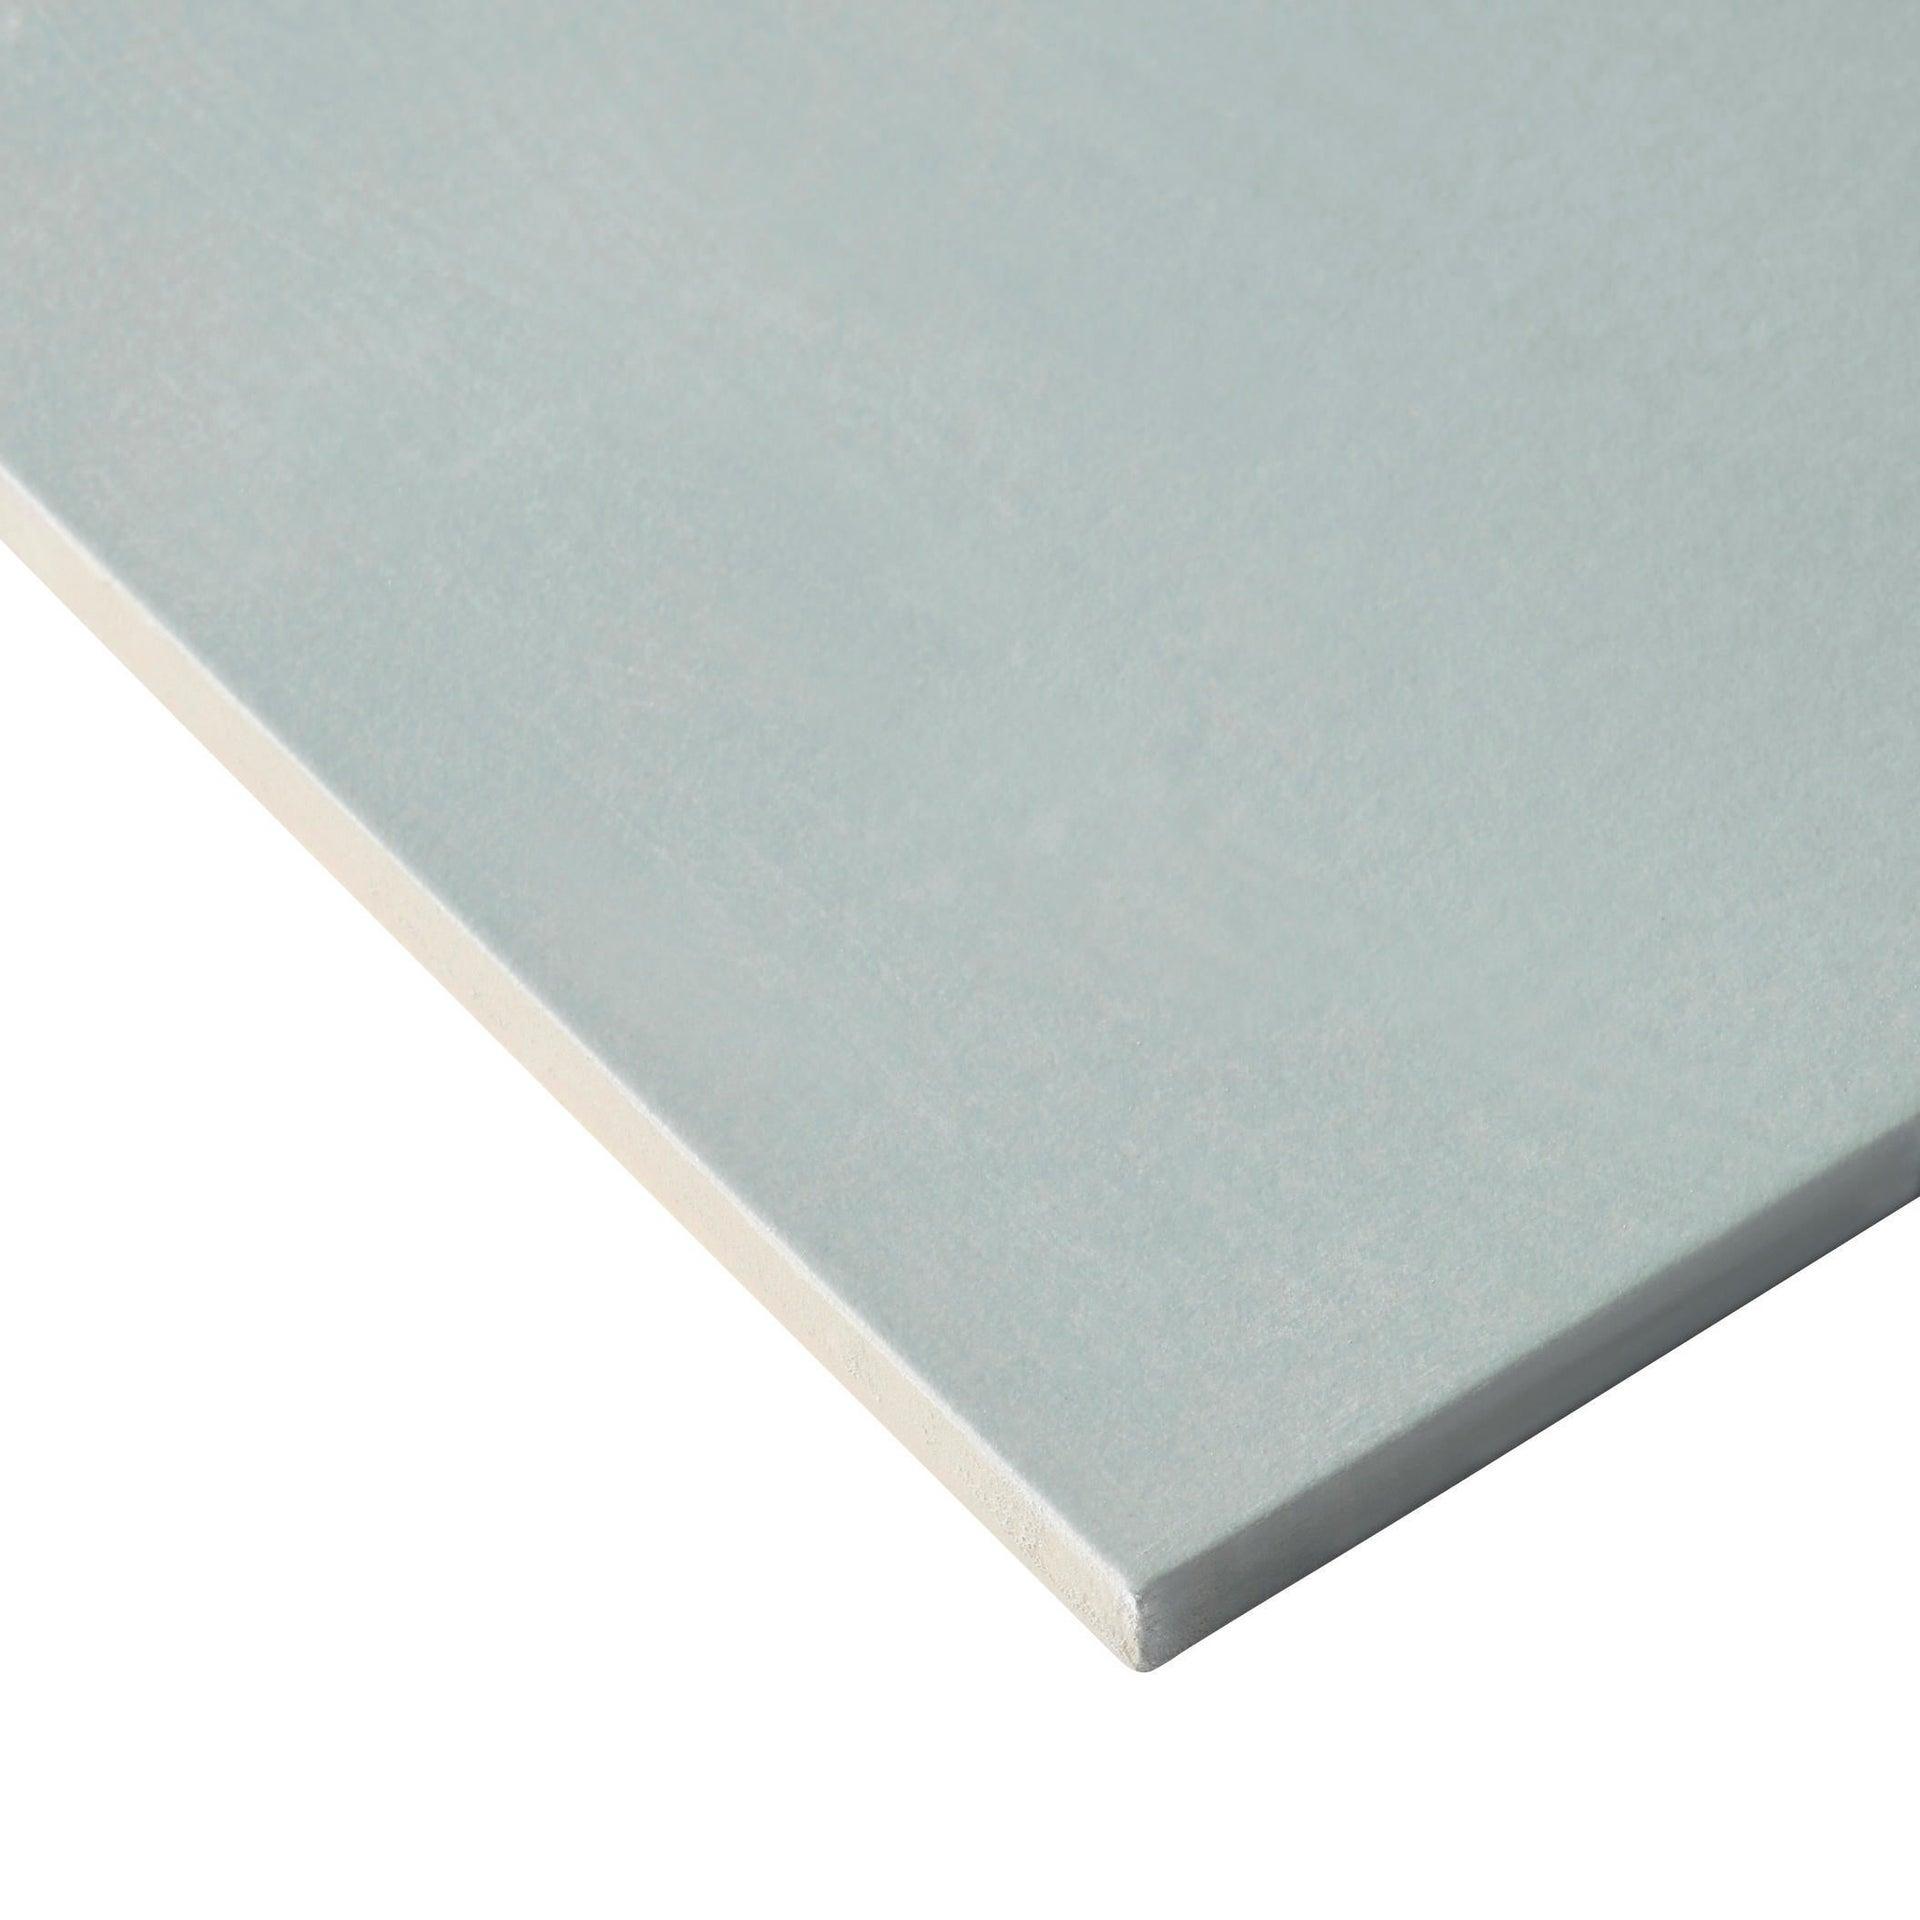 Piastrella Locarno 20 x 20 cm sp. 10 mm PEI 3/5 blu - 5